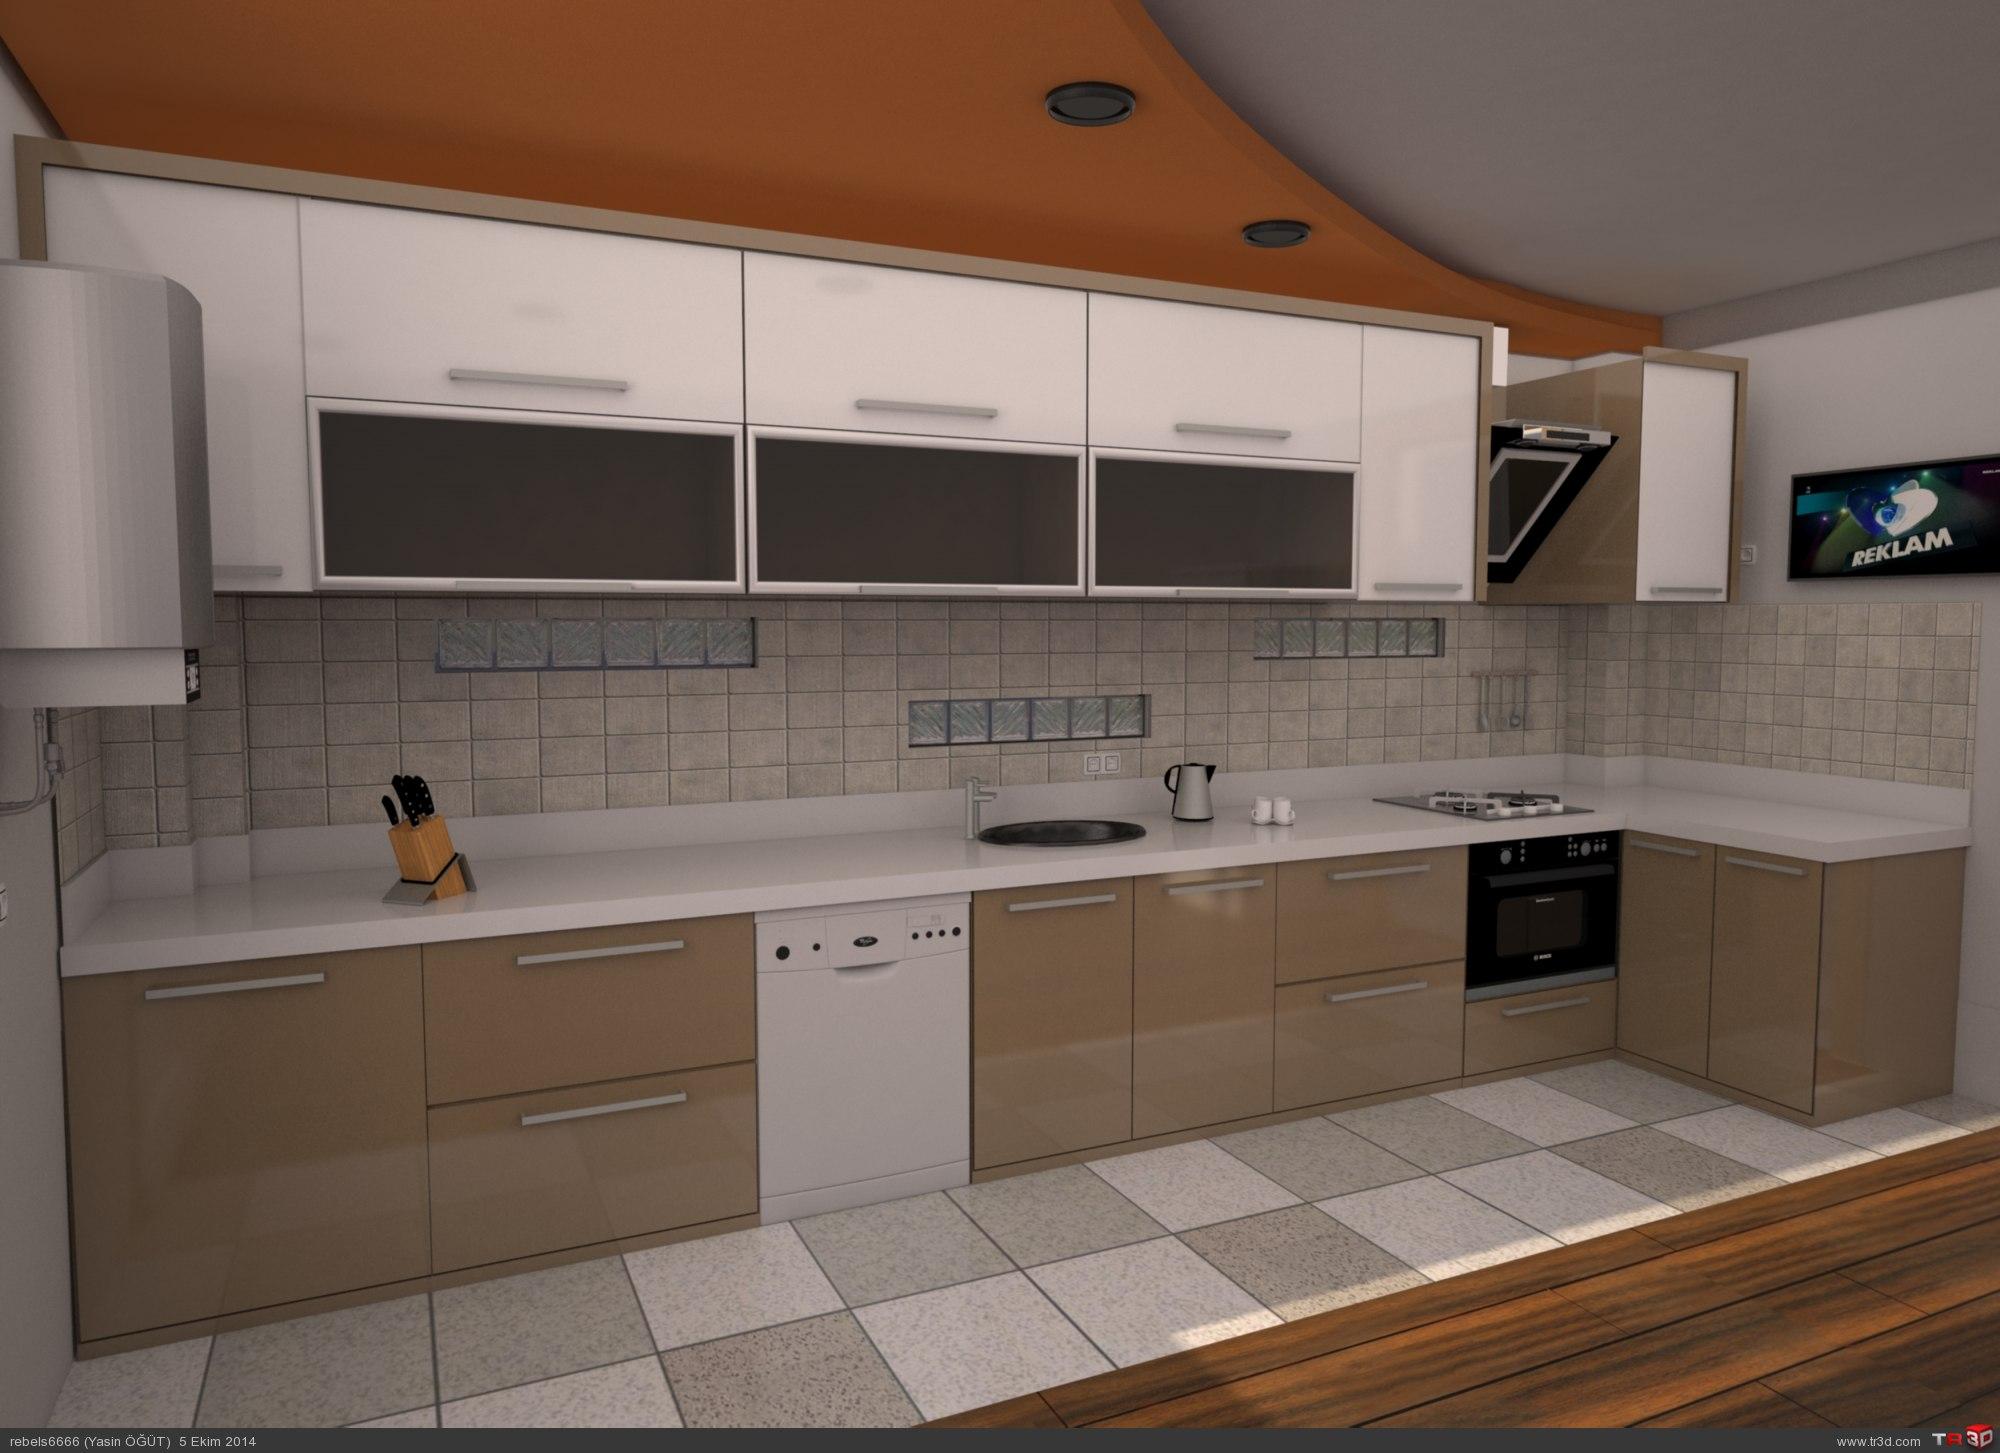 Mutfak dolabı tasarımı 1